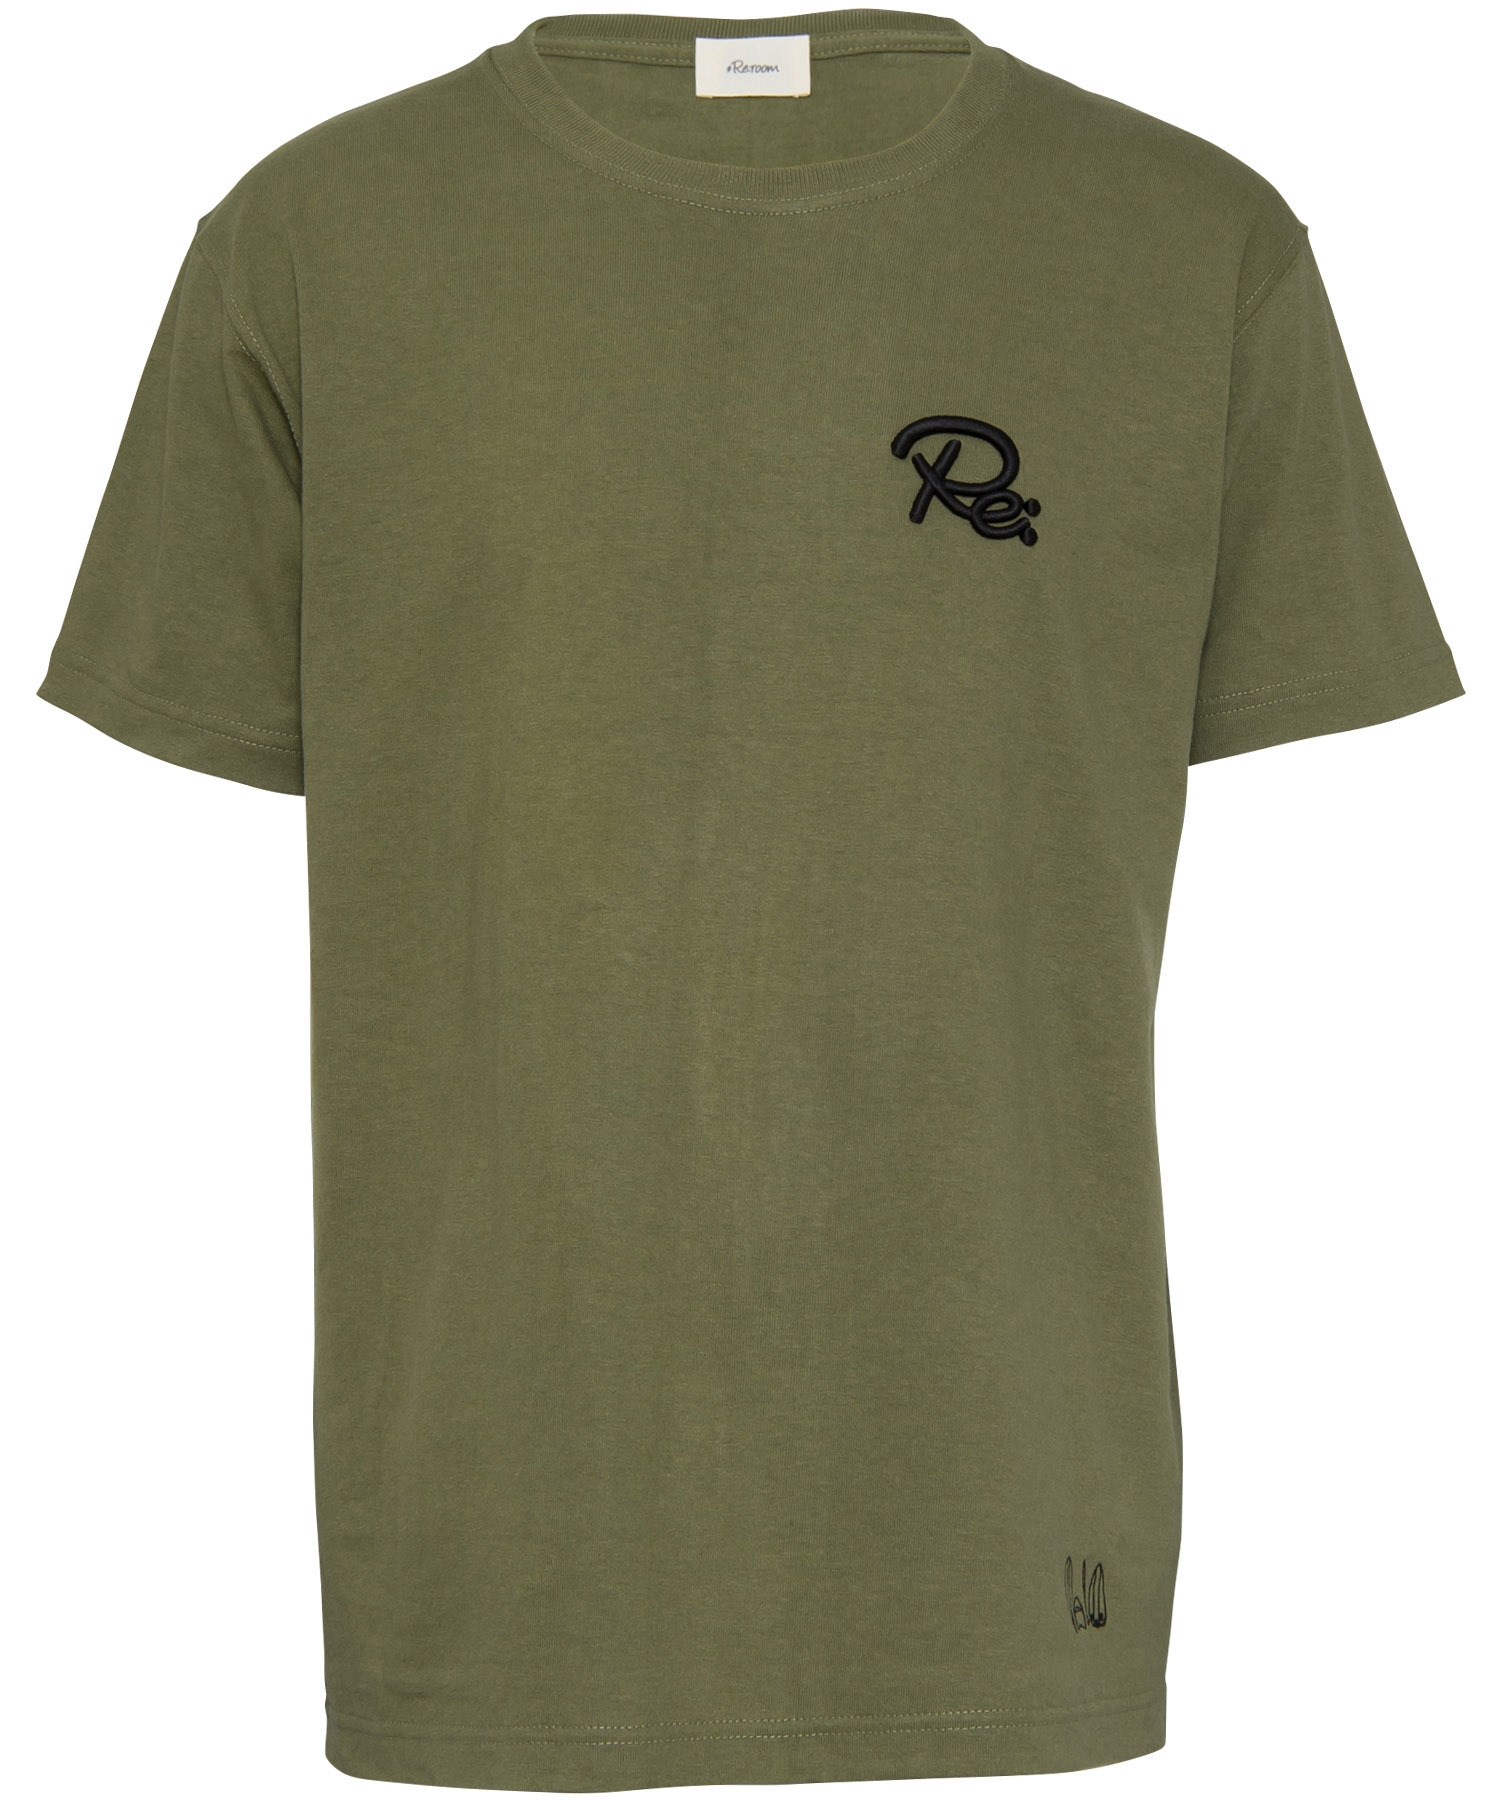 3D LOGO BIG ICON T-shirts[REC260]